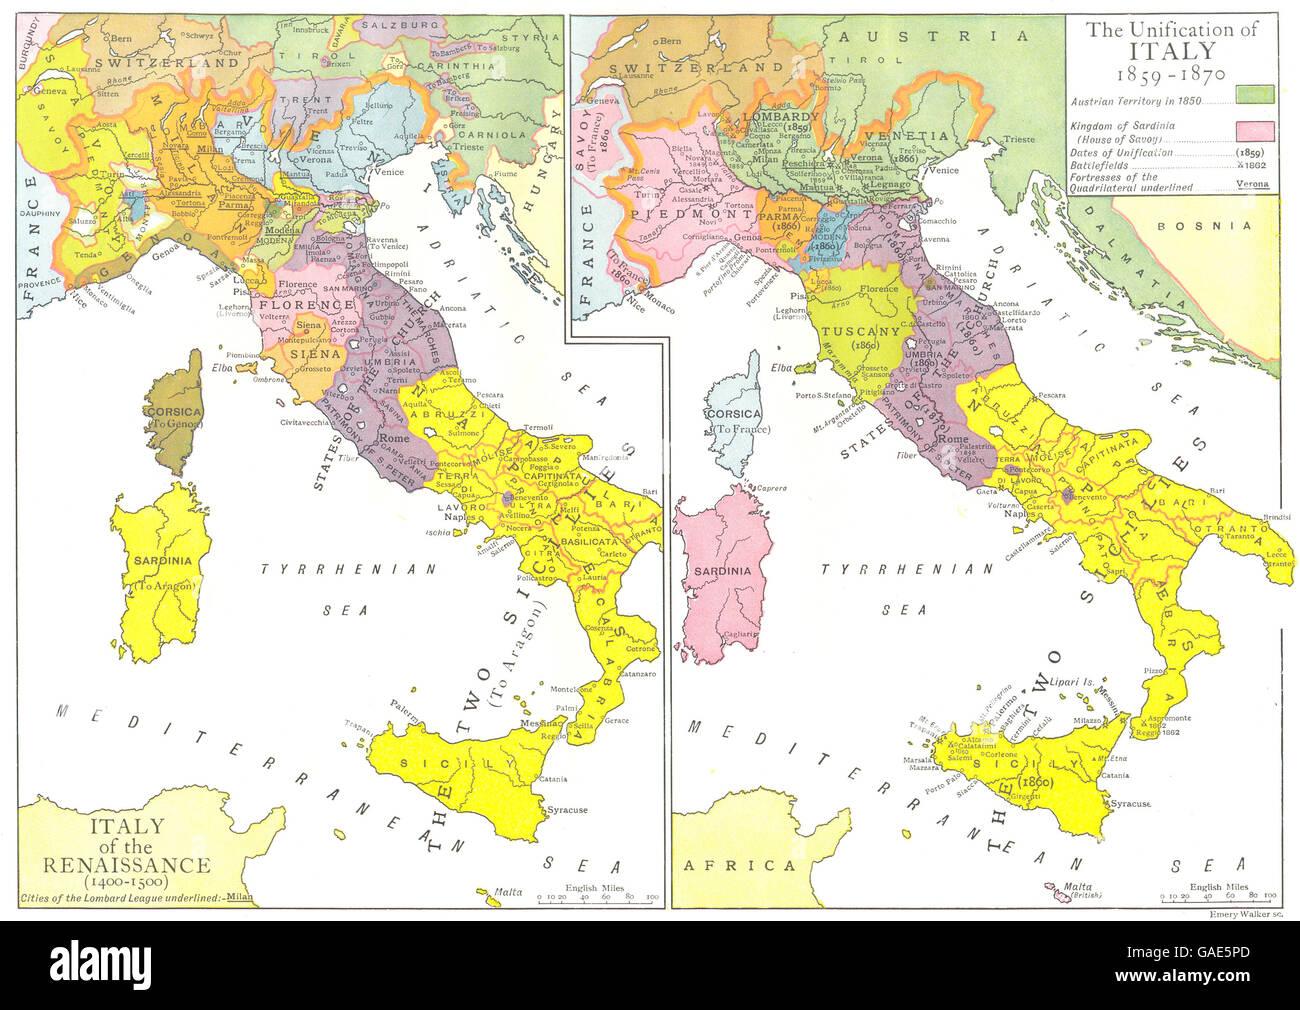 Cartina Italia Nel 400.Italia Del Rinascimento 1400 1500 Unificazione 1859 1870 1910 Mappa Antichi Foto Stock Alamy